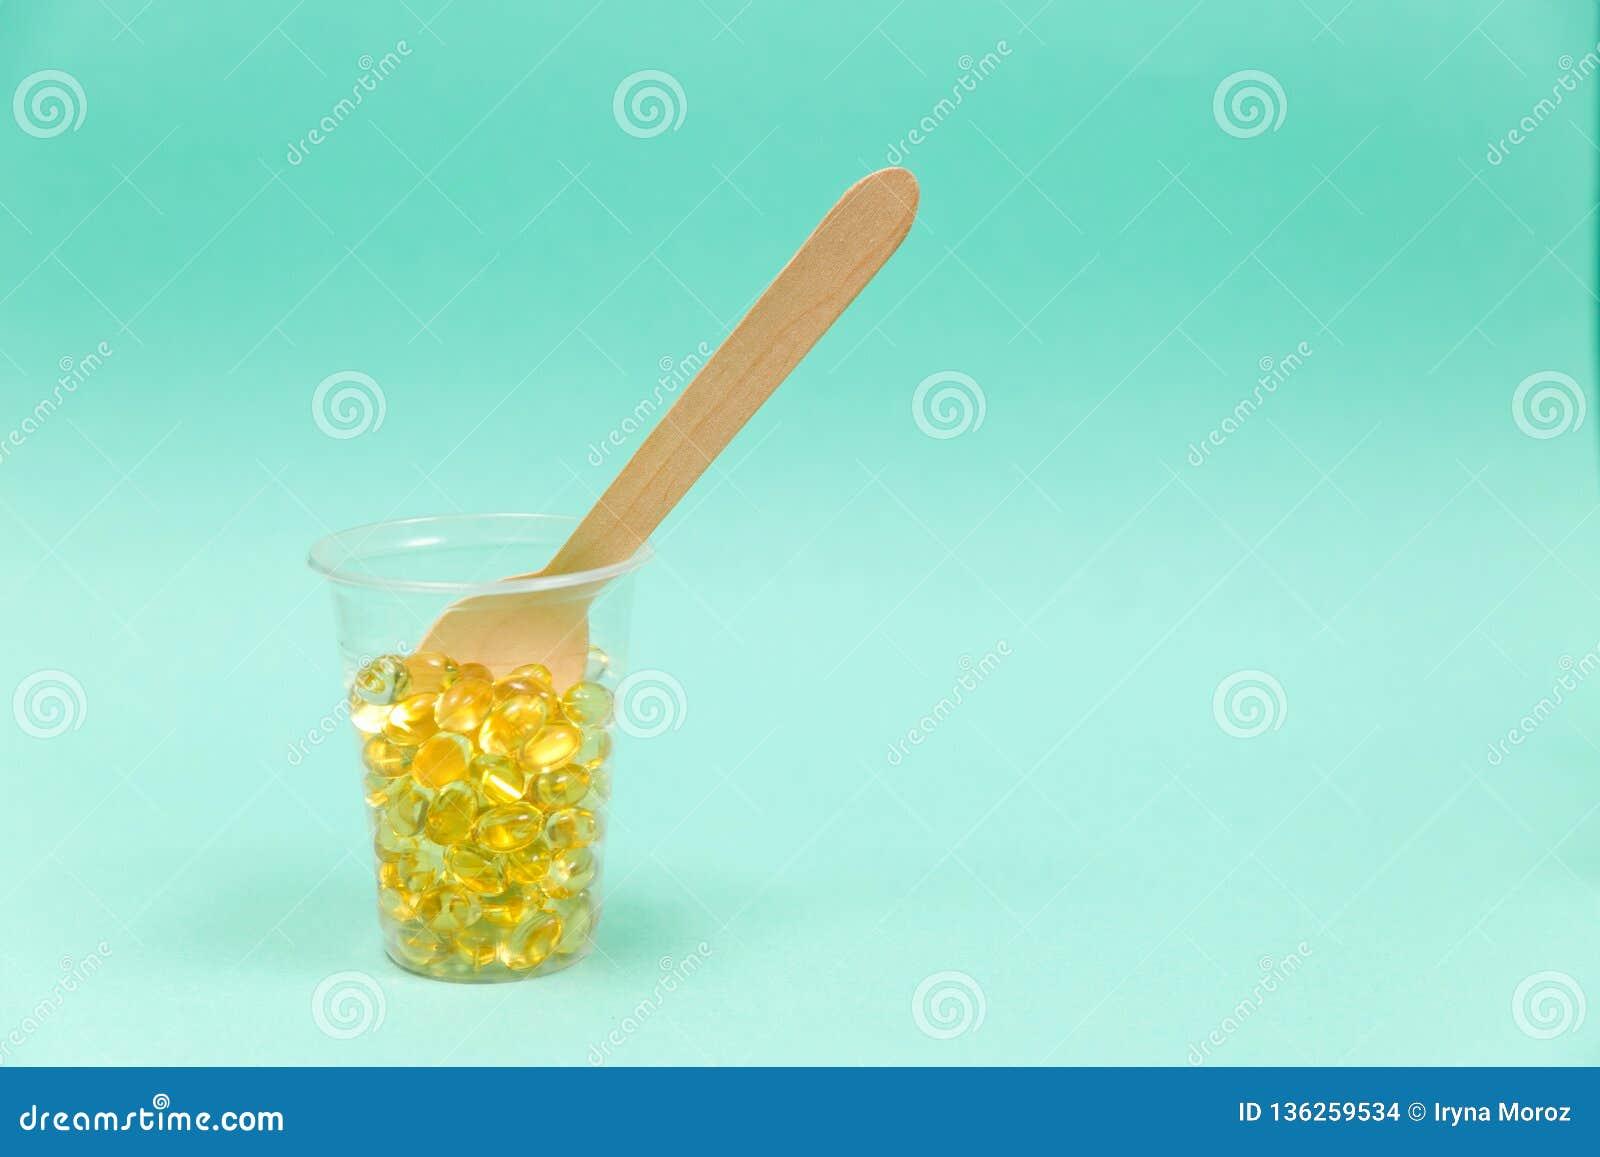 Olio di fegato di merluzzo omega 3 capsule del gel